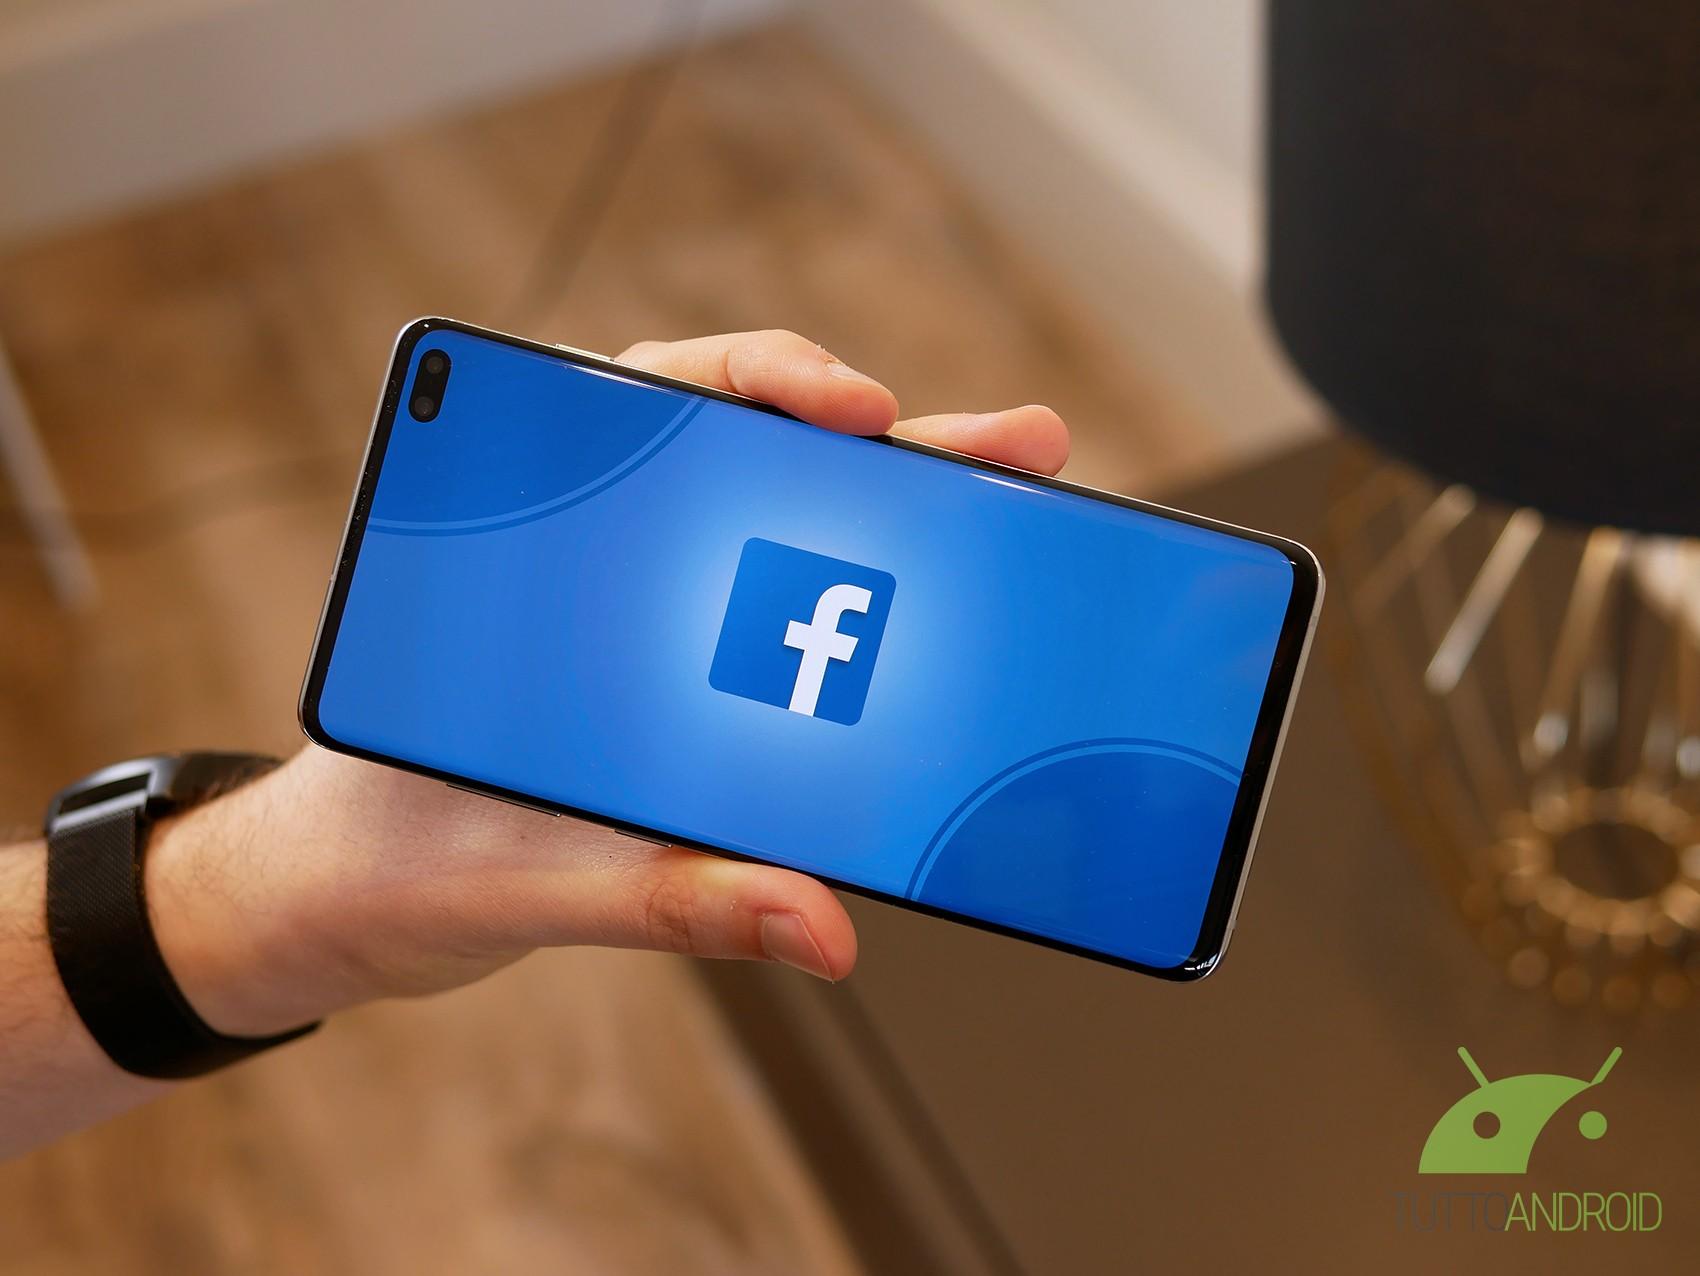 Ora potete convertire qualsiasi foto 2D in 3D con Facebook |  ma solo con alcuni smartphone